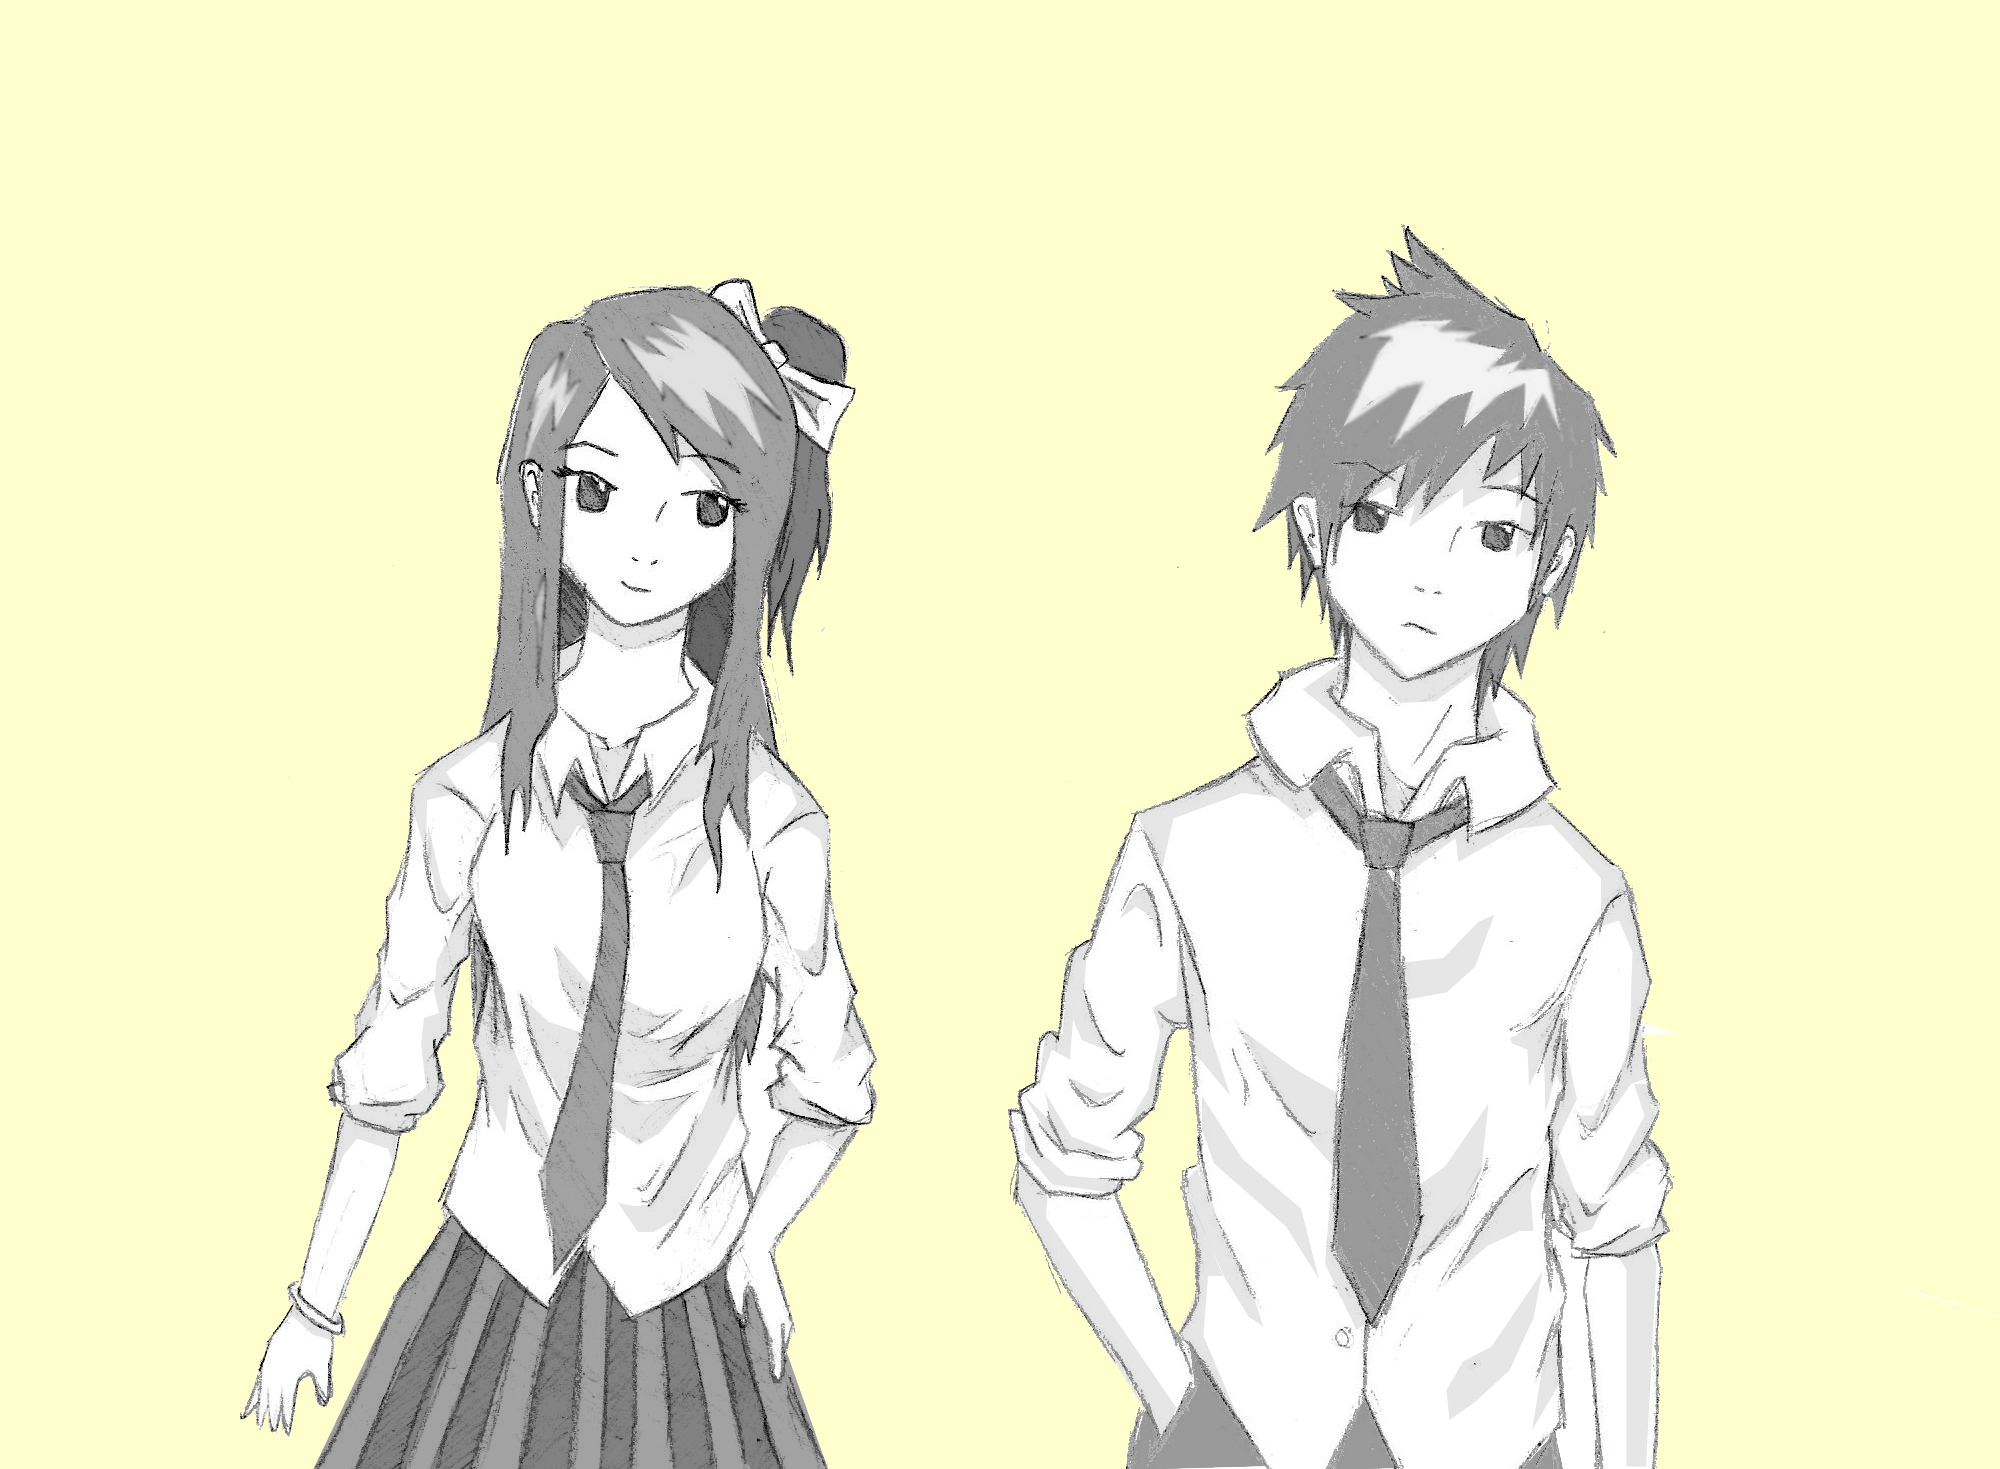 X Anime Boy And Girl Drawing Anime Drawing Of A Boy And Girl Anime